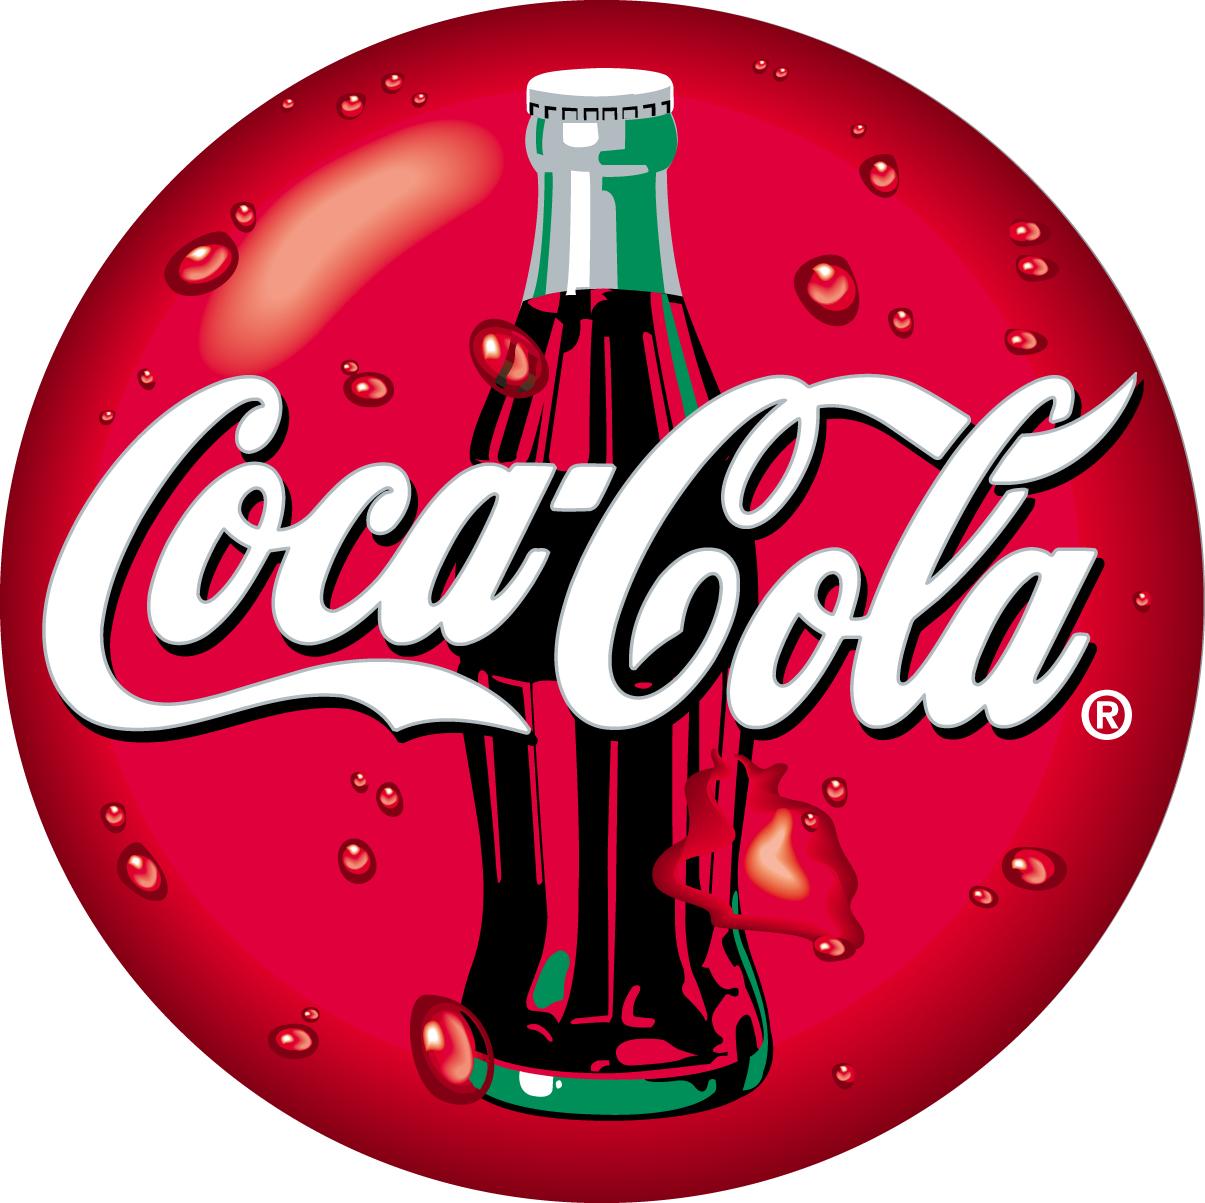 Dal 2015 la Coca-Cola si farà in casa: in arrivo le cialde per macchinetta